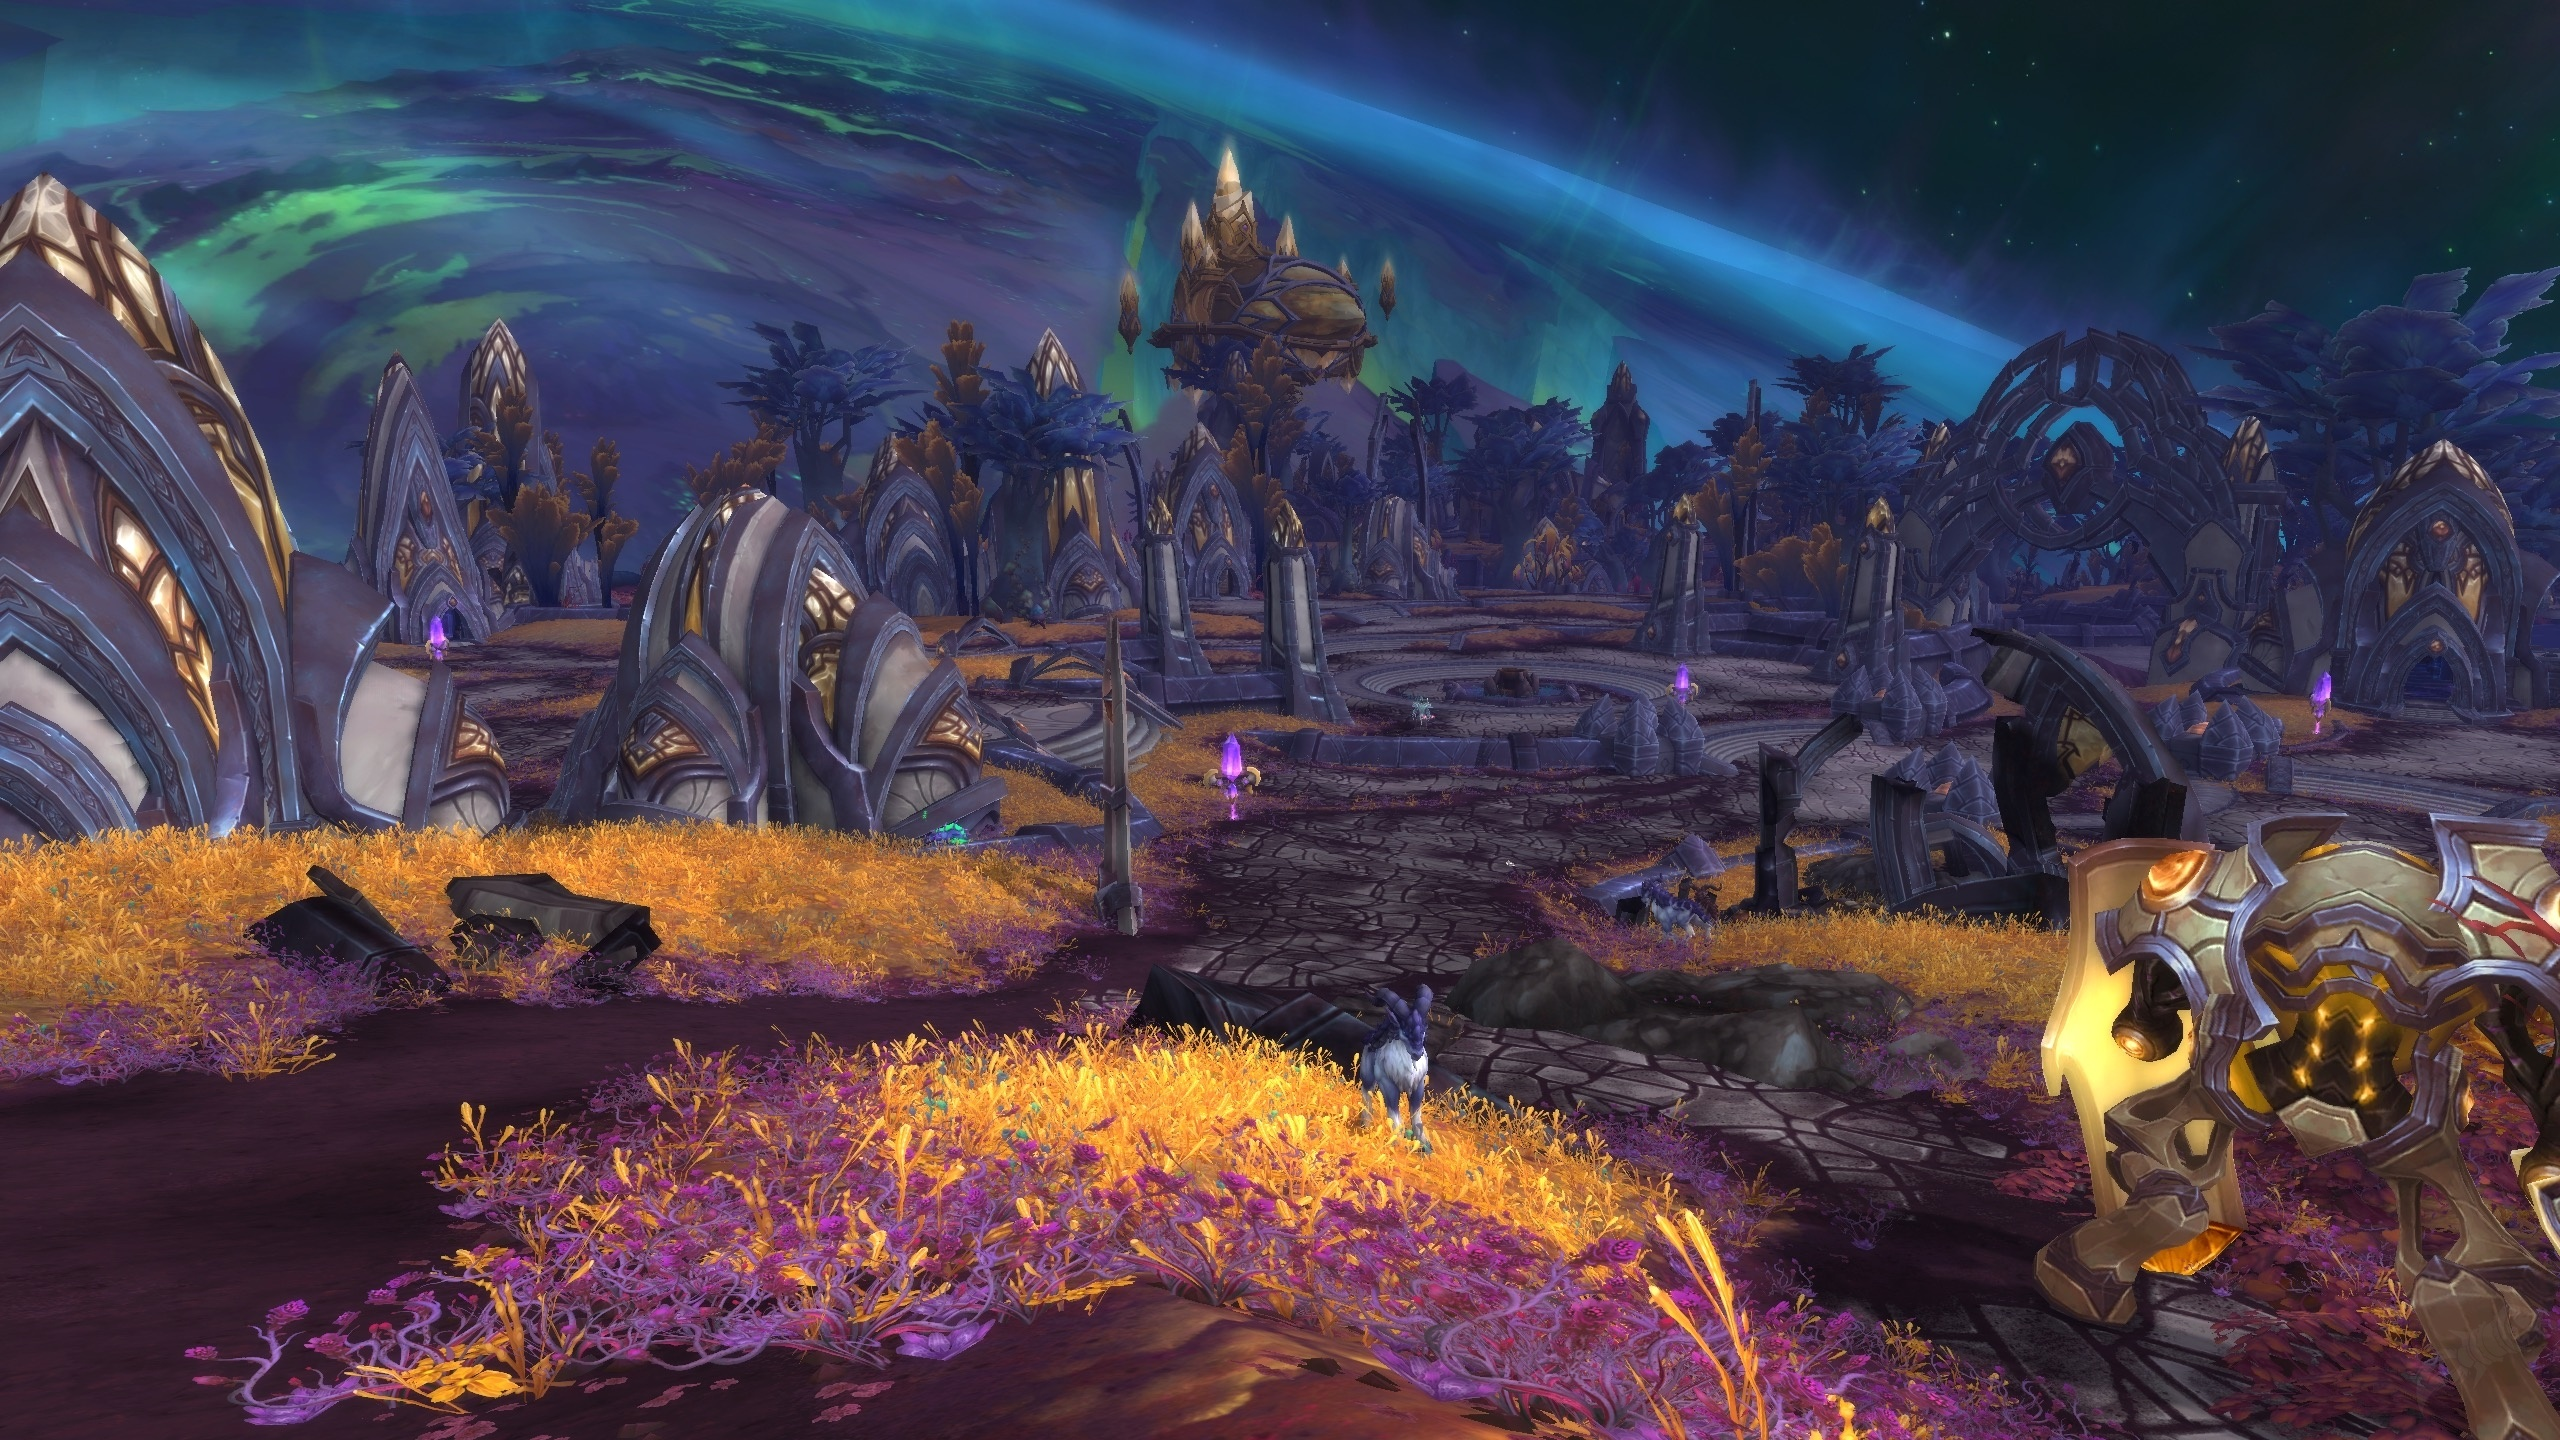 Mac'aree zone world of warcraft.